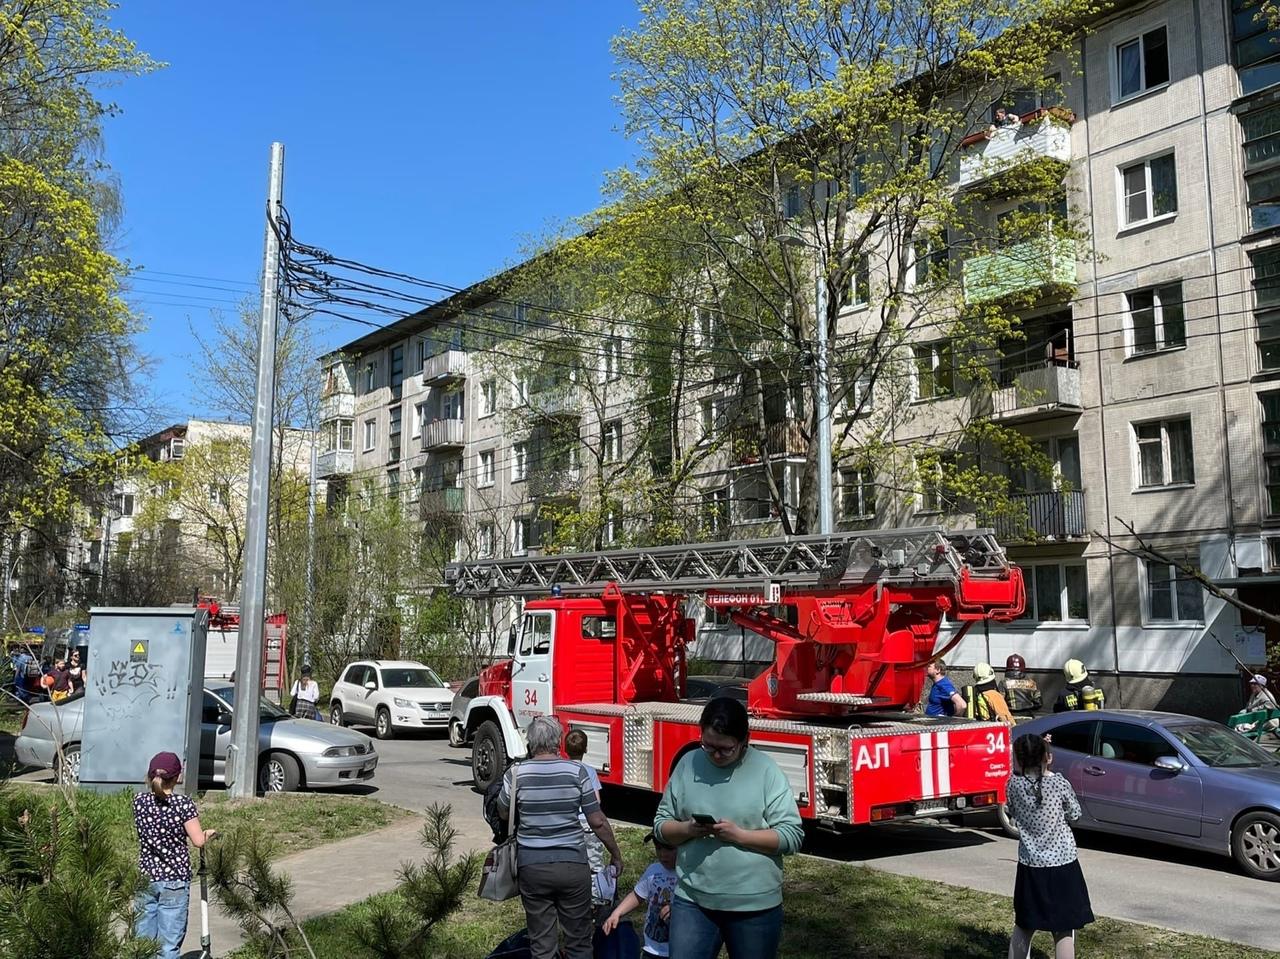 К дому №30 на Руставели приехали 4 пожарных машины, скорая и реанимация. Задымления пока не видно.